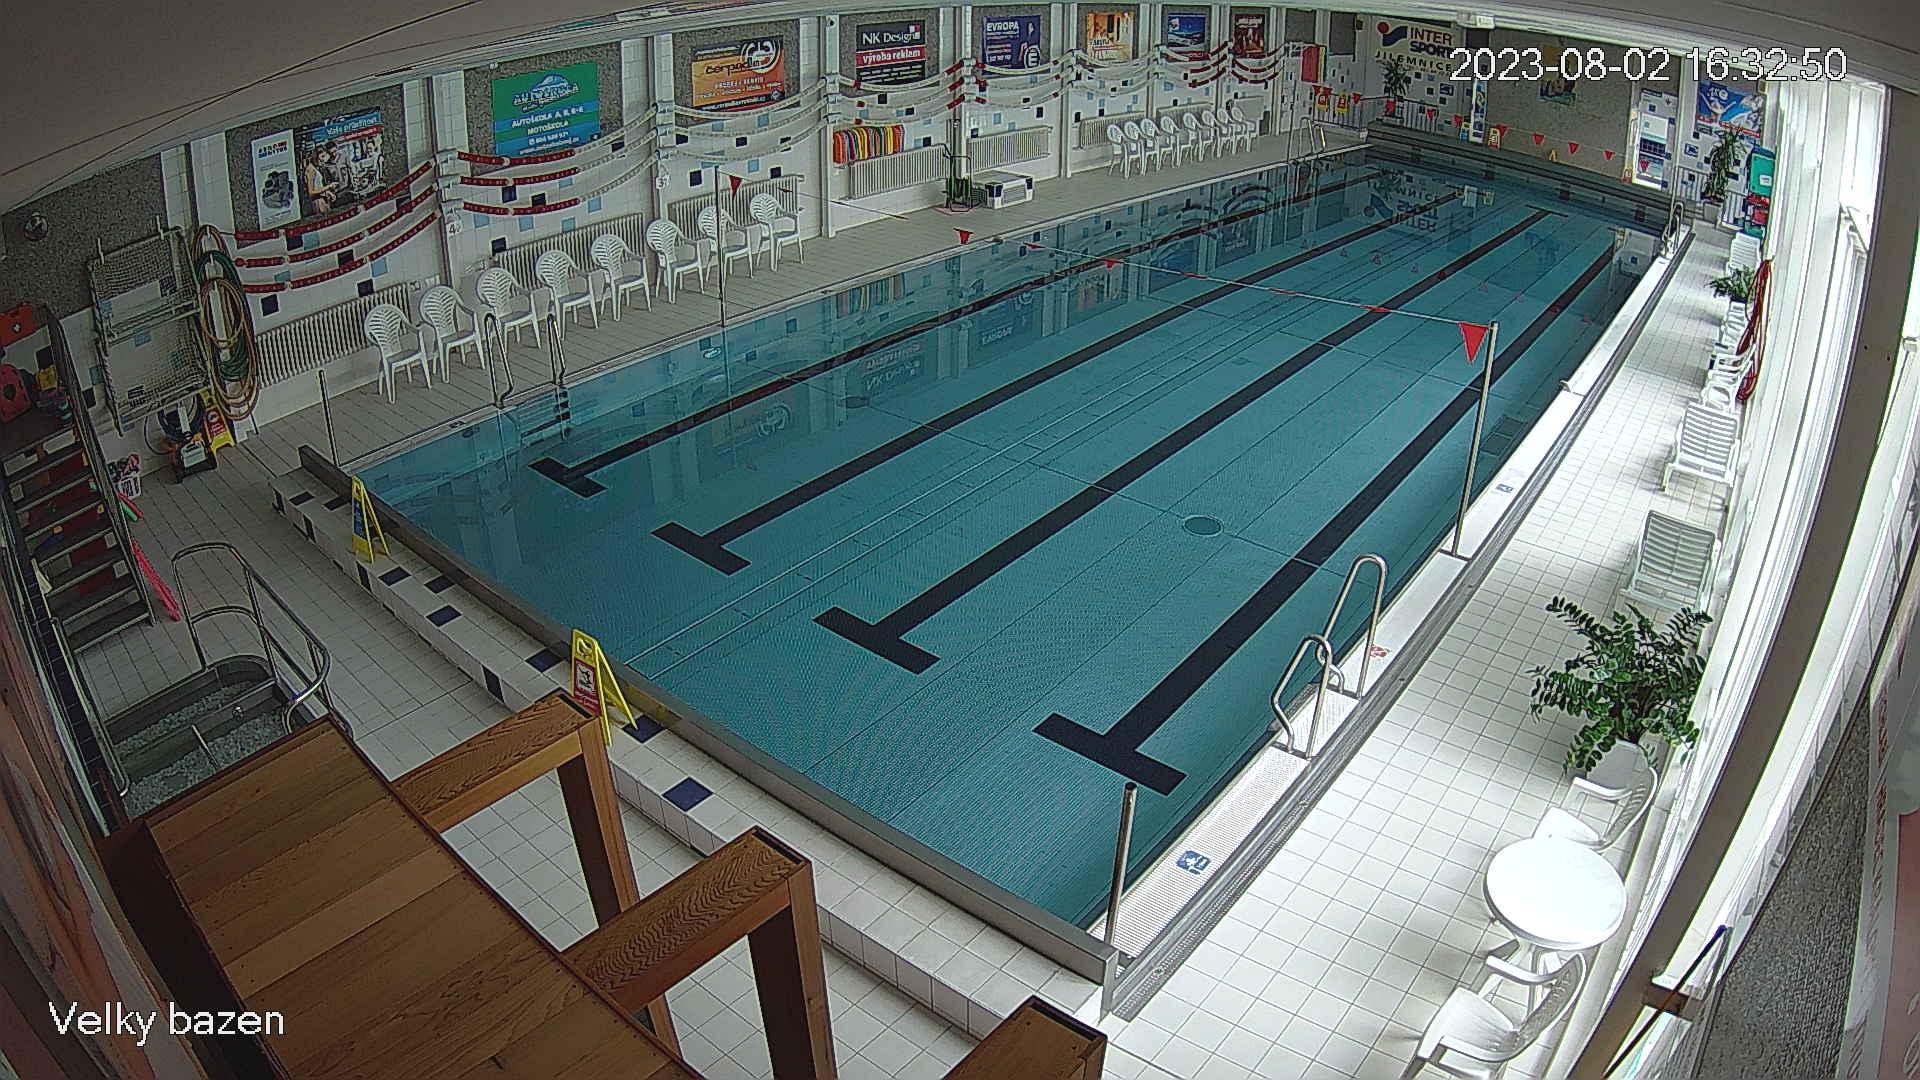 Plavecký bazén, Jilemnice